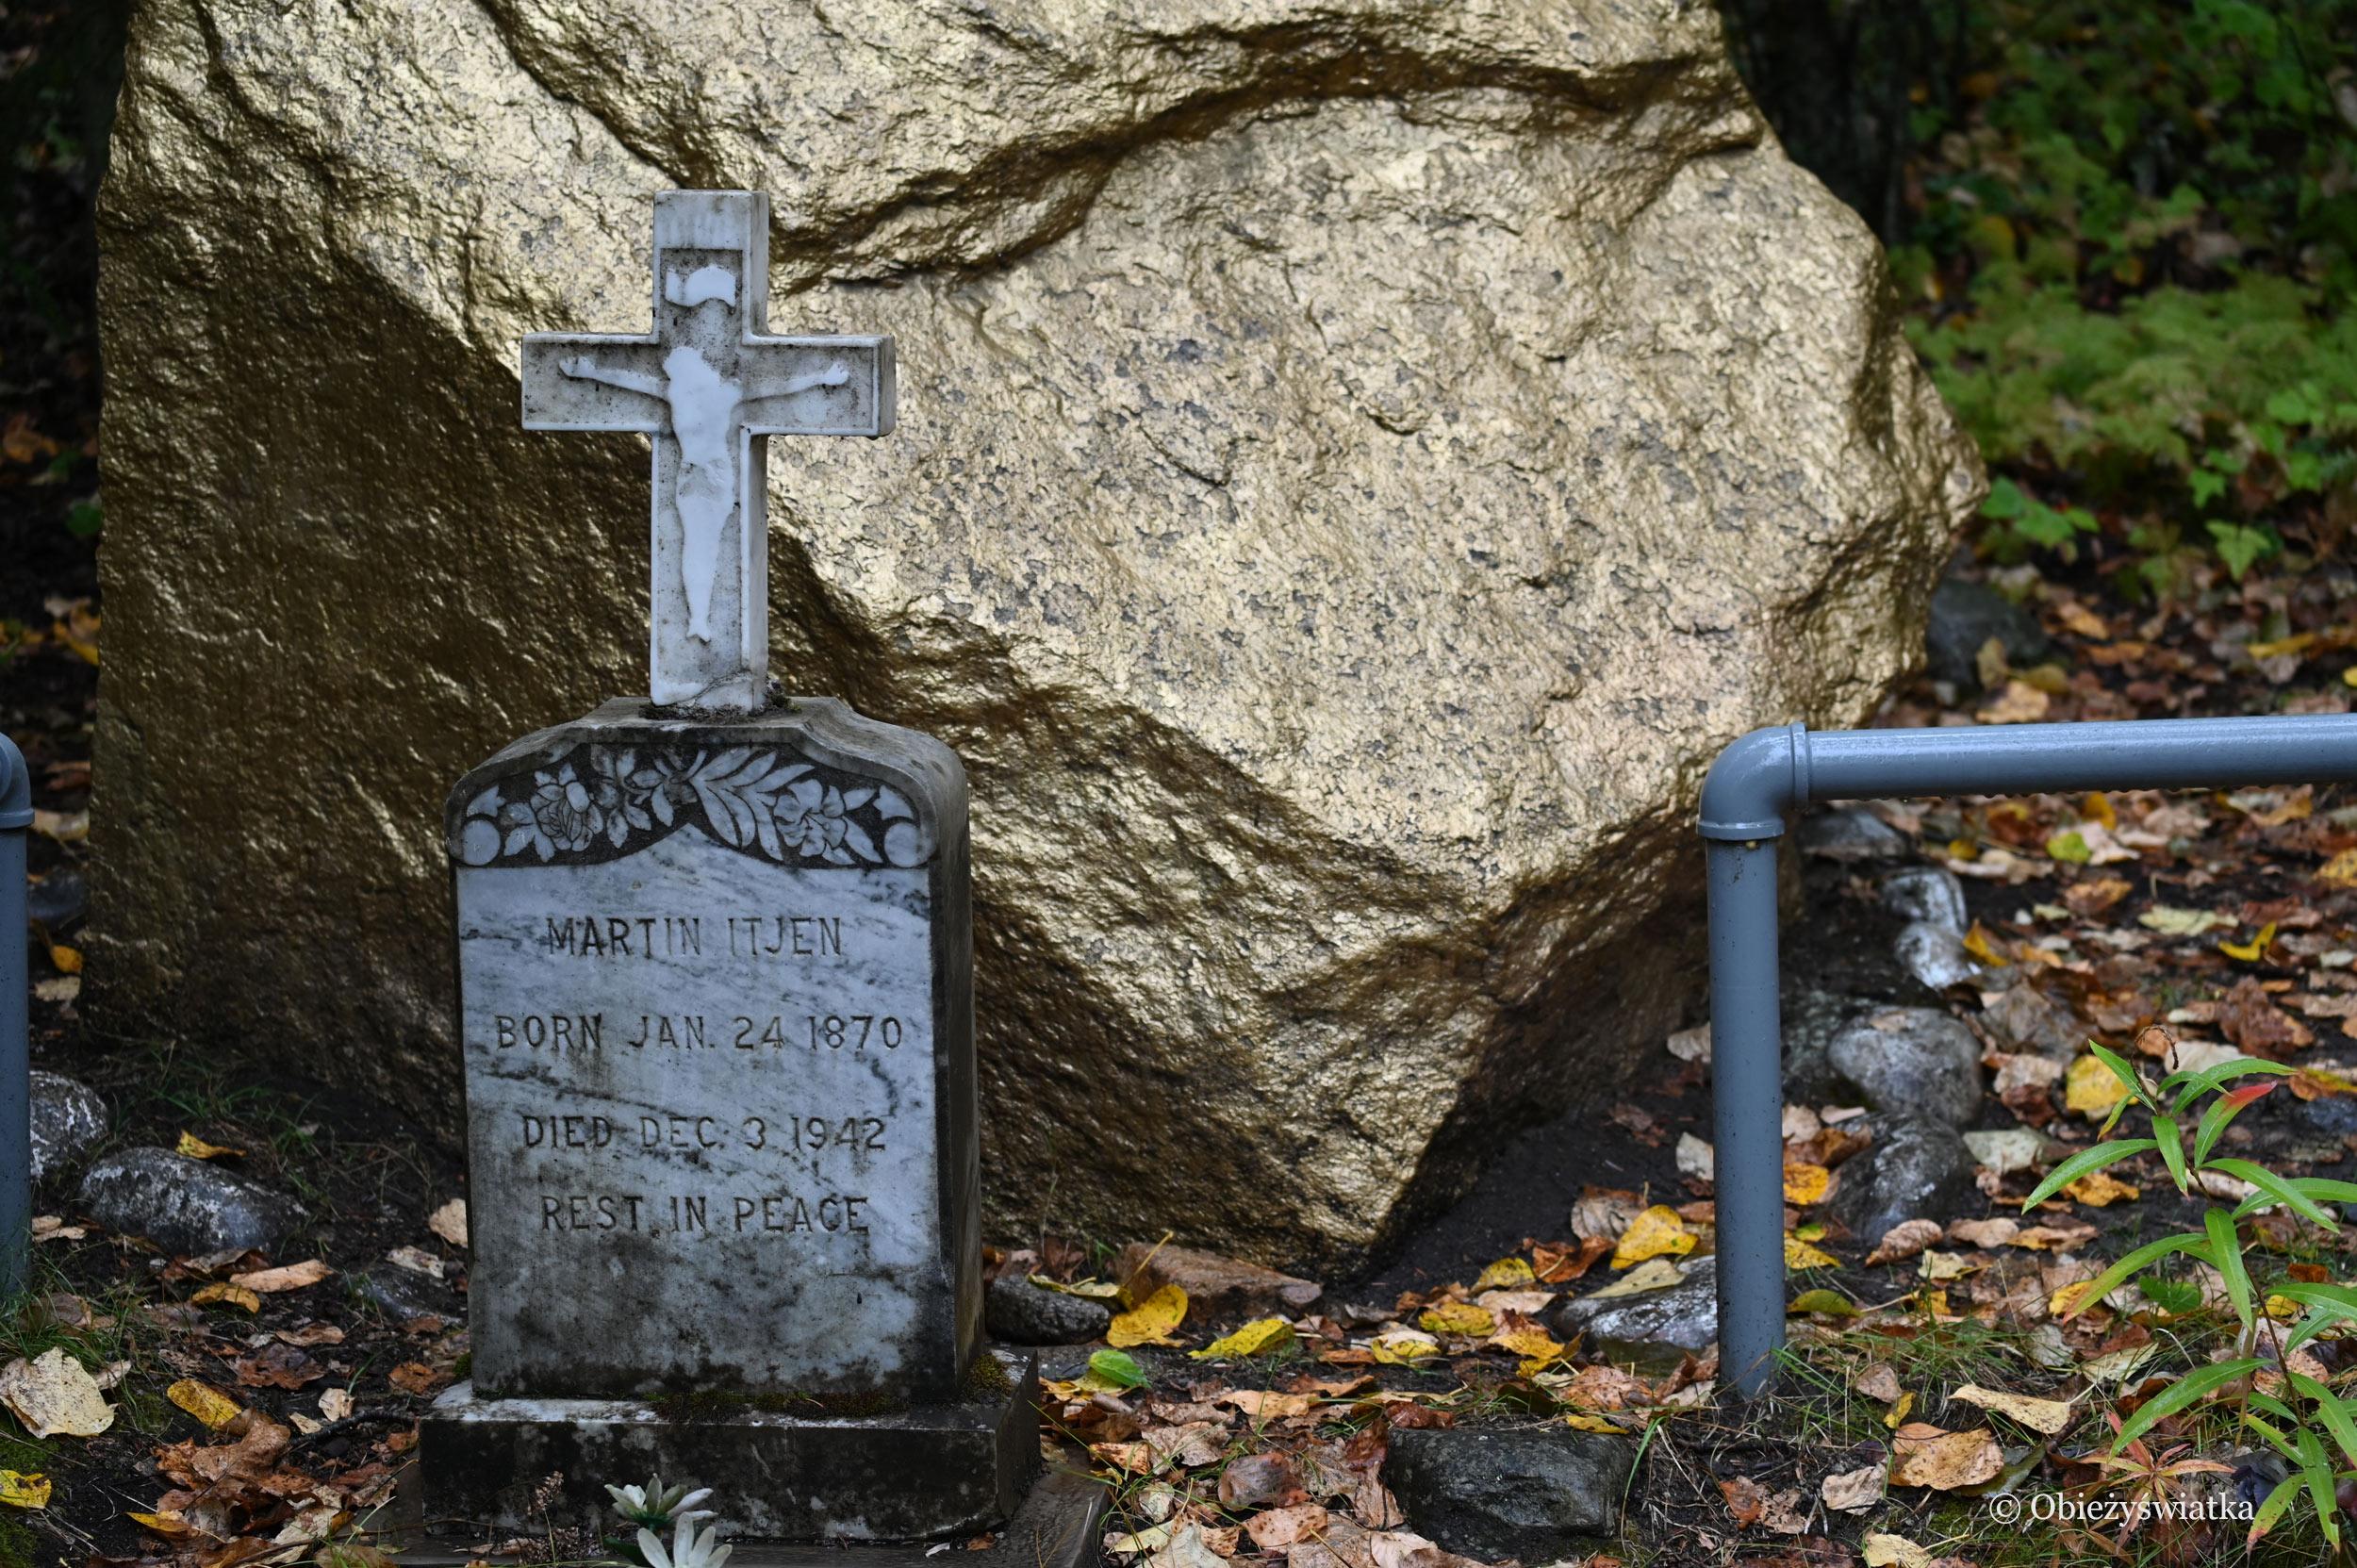 Grób Martina Itjena, który pełnił w Skagway wiele różnych funkcji i troszczył się o historię miasteczka, Gold Rush Cemetery, Skagway, Alaska